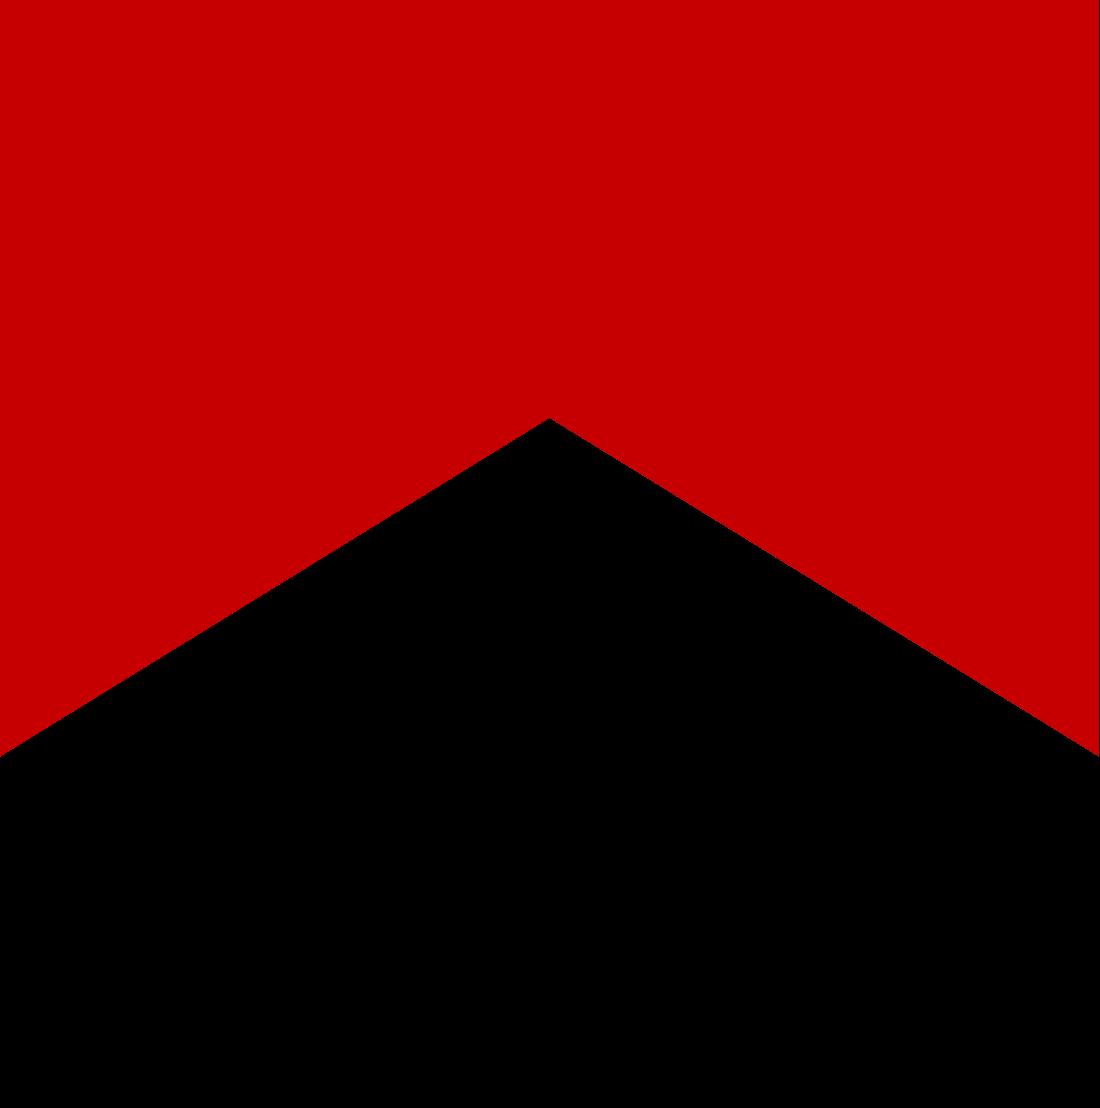 marlboro logo 3 - Marlboro Logo